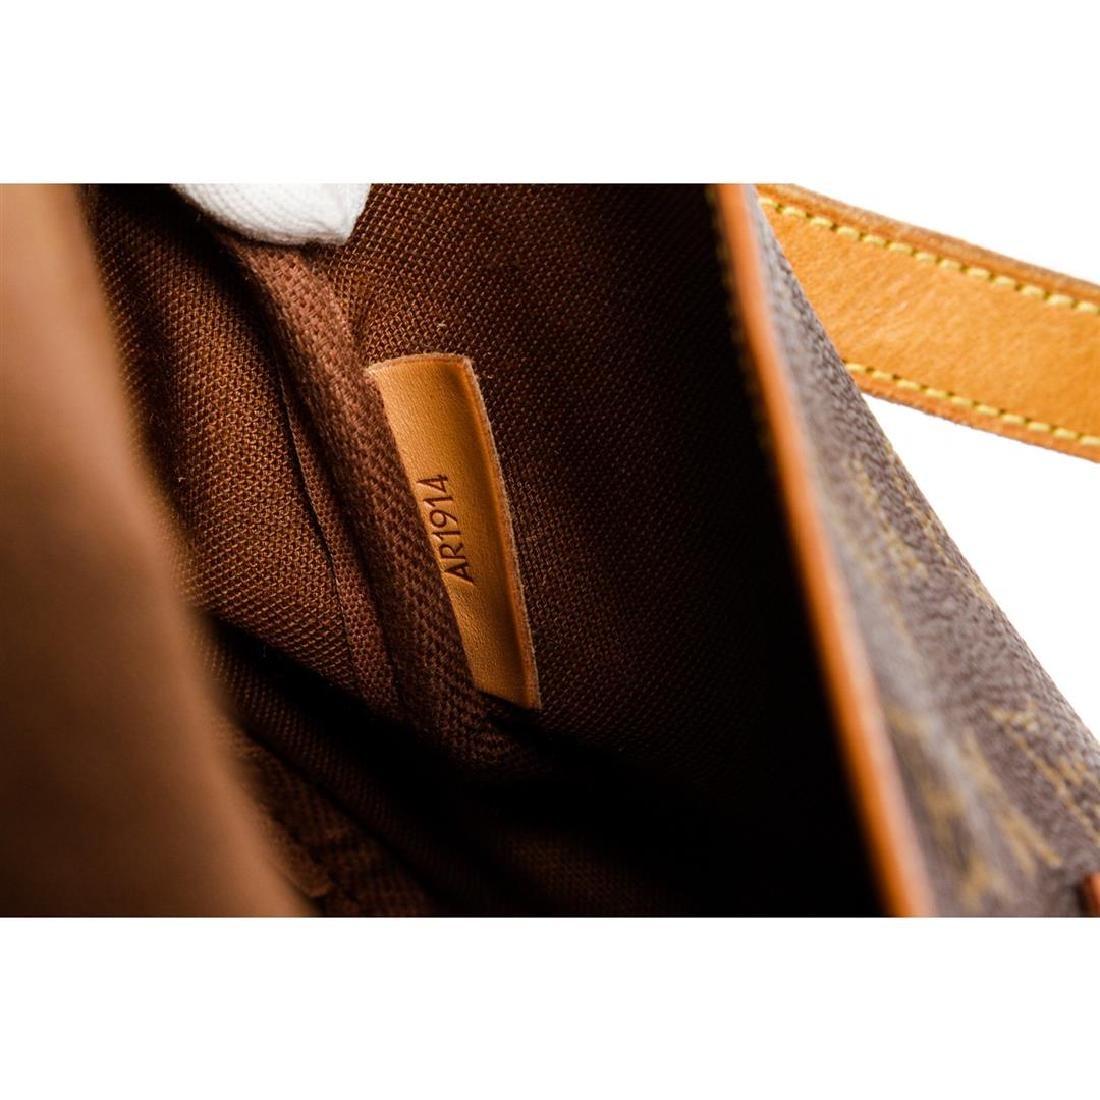 Louis Vuitton Monogram Canvas Leather Saumur 30 cm - 6